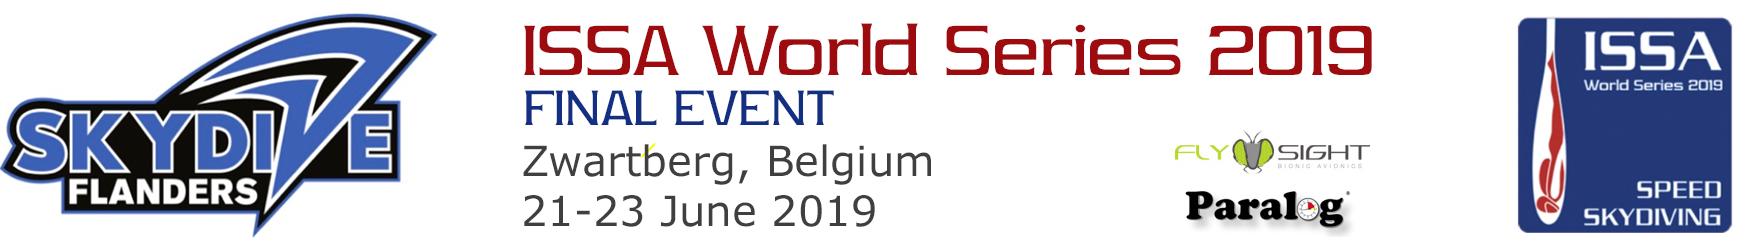 ISSA World Series Finals Zwartberg 2019